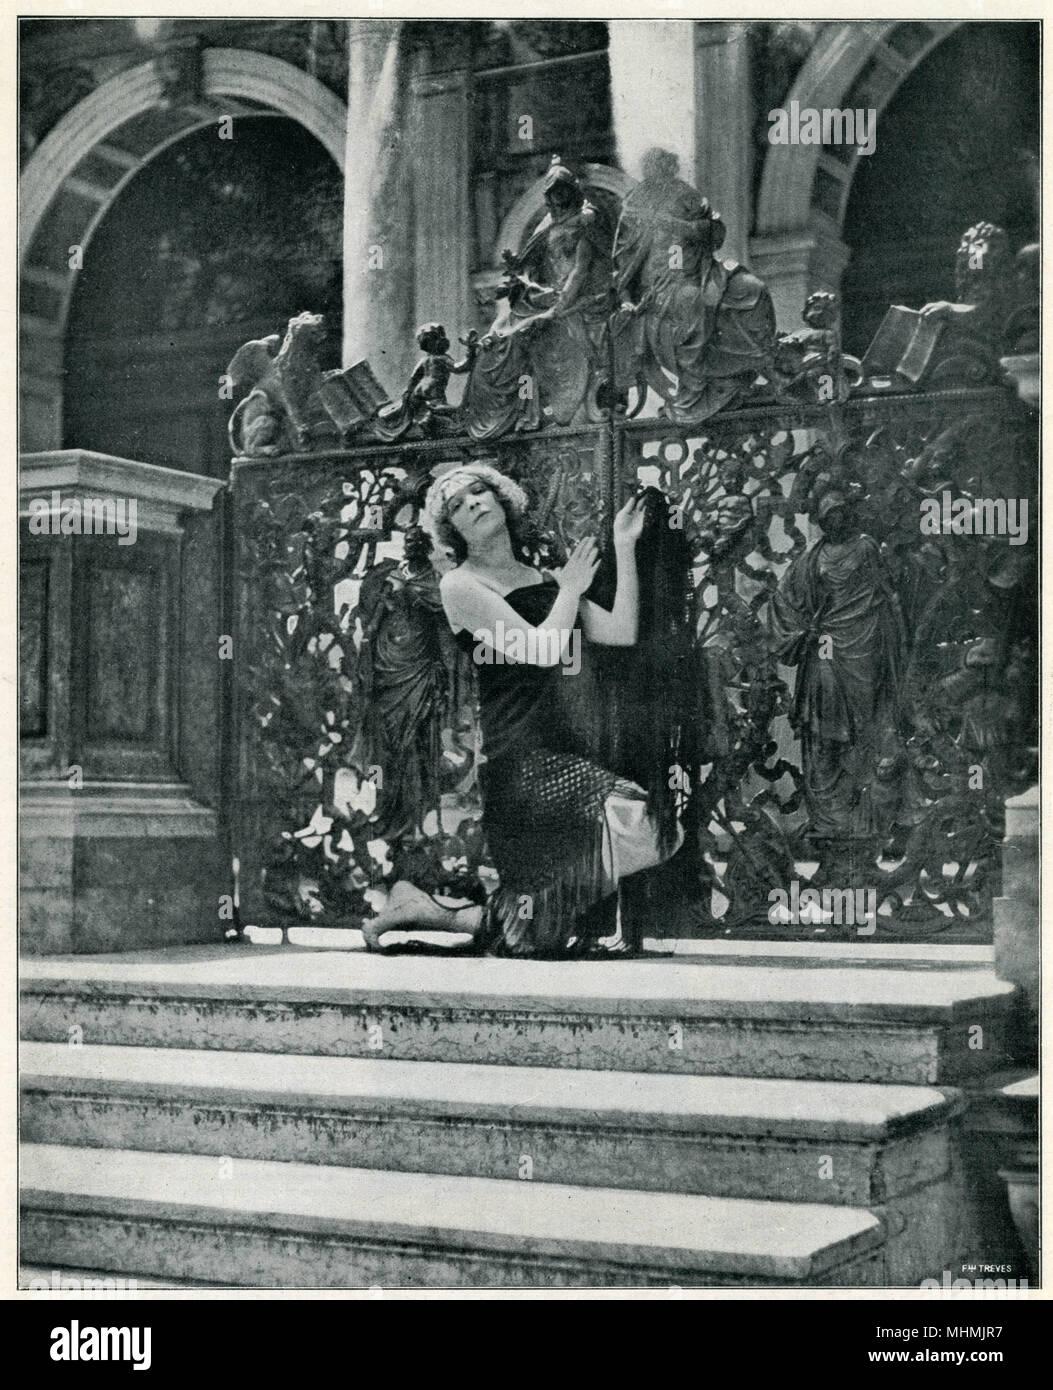 Quando il ballerino russo Tamara Swirskaya è fotografato sui gradini della Loggetta del Sansovino, Venezia, ci sono proteste contro la profanazione di un luogo sacro data: 1920 Immagini Stock